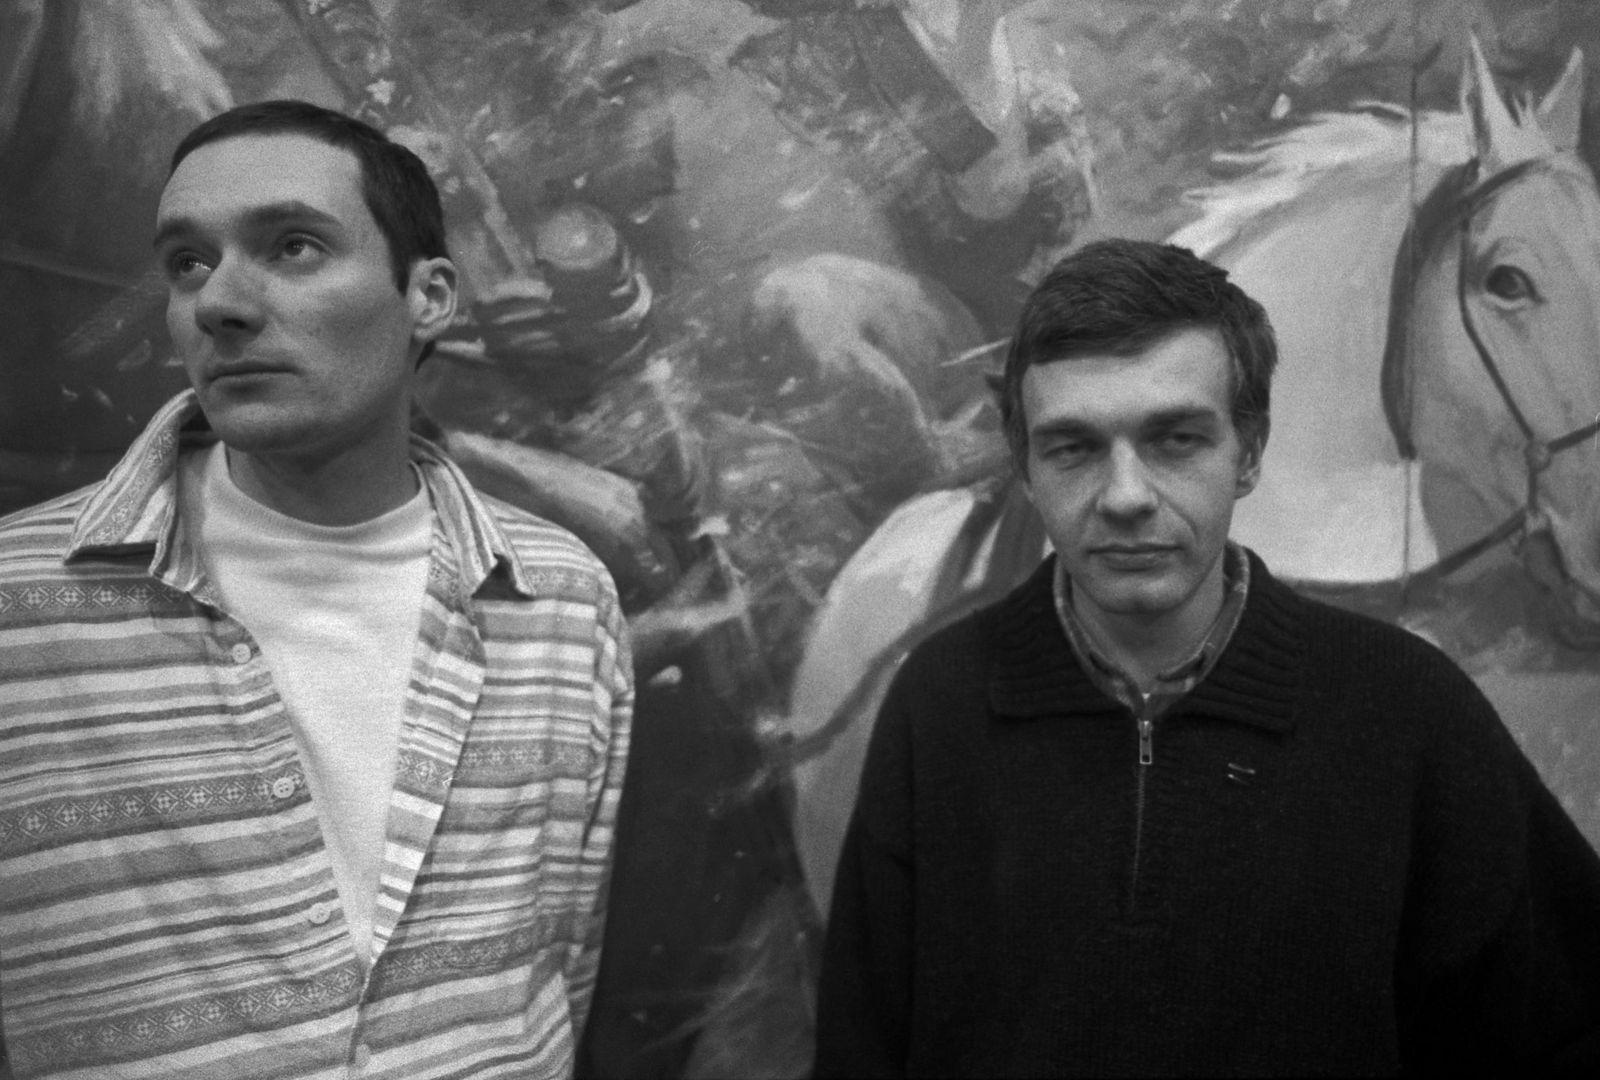 Сергей Борисов. portrait. дубоссарский и виноградов1995